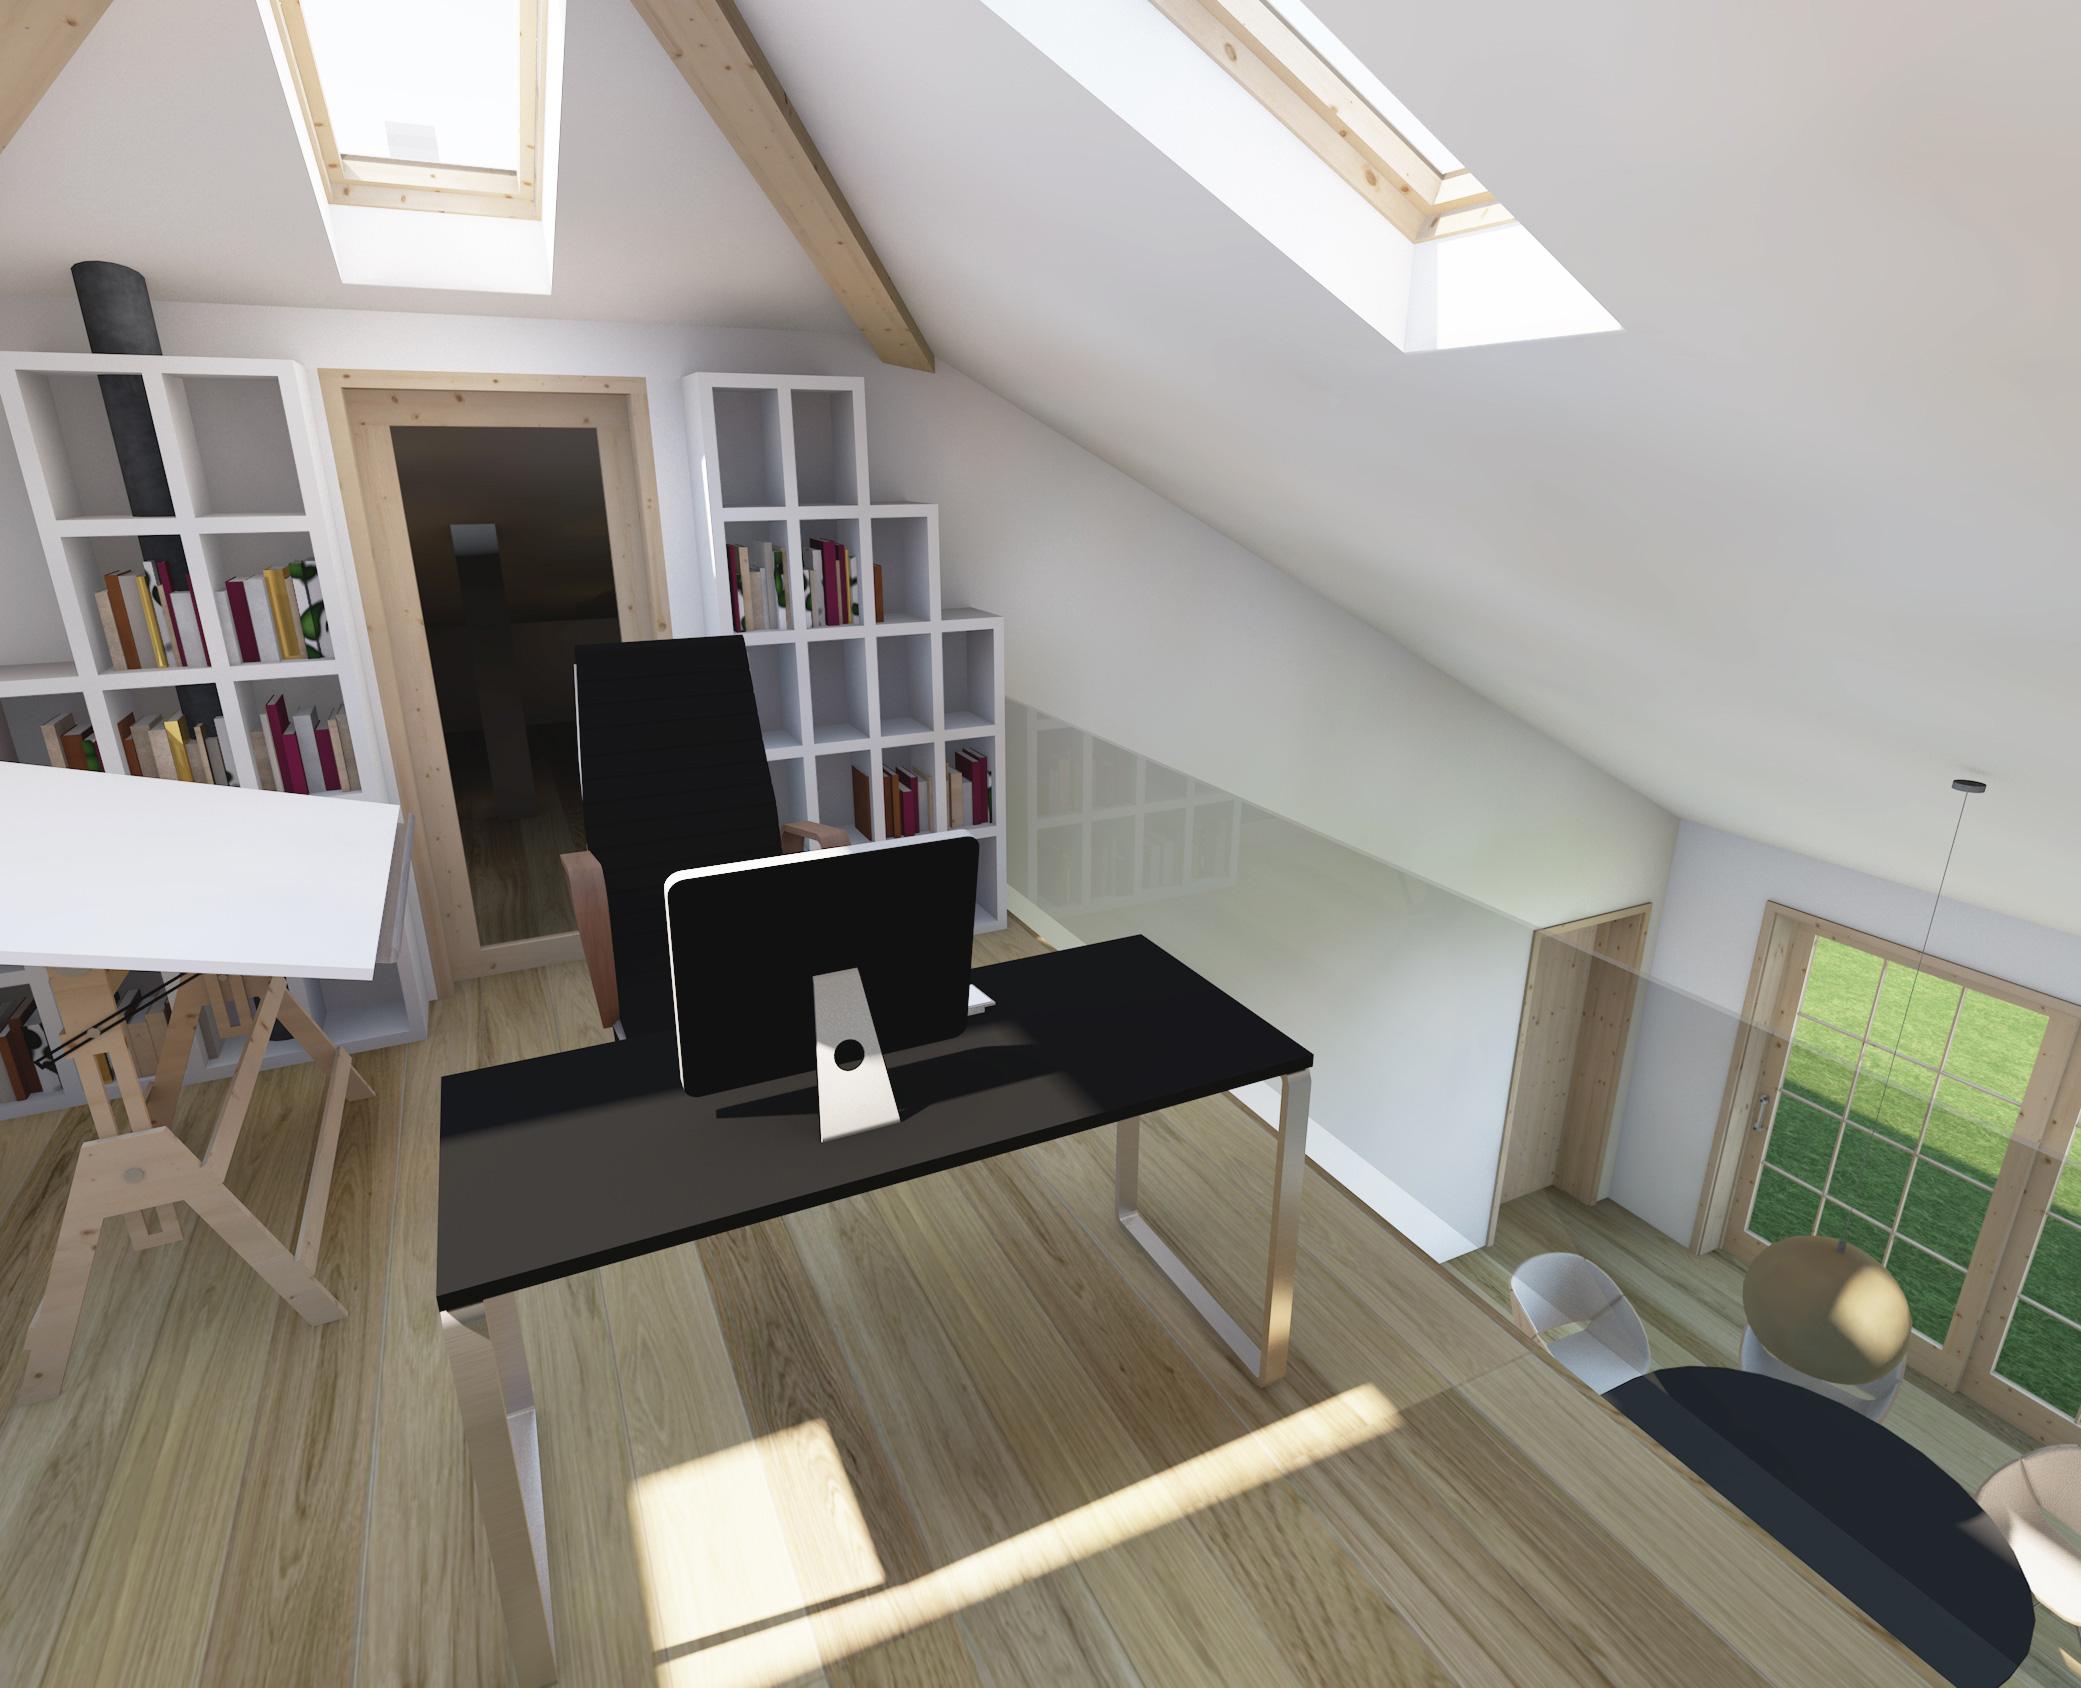 dom prosty, antresola, biuro, miejsce pracy, architektura